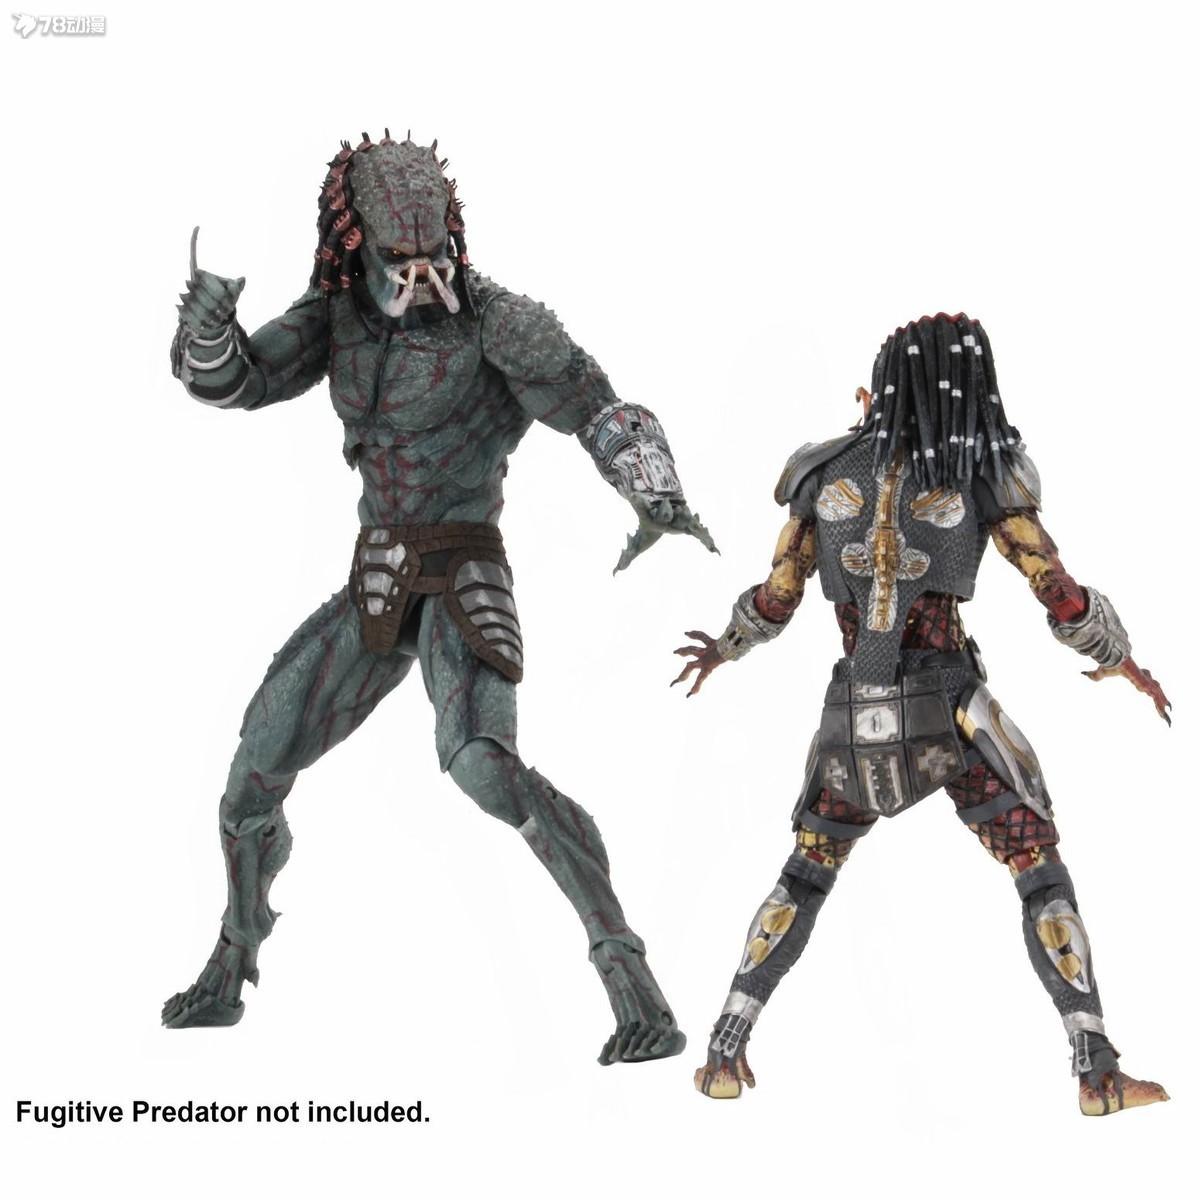 NECA-2018-Assassin-Predator-004.jpg